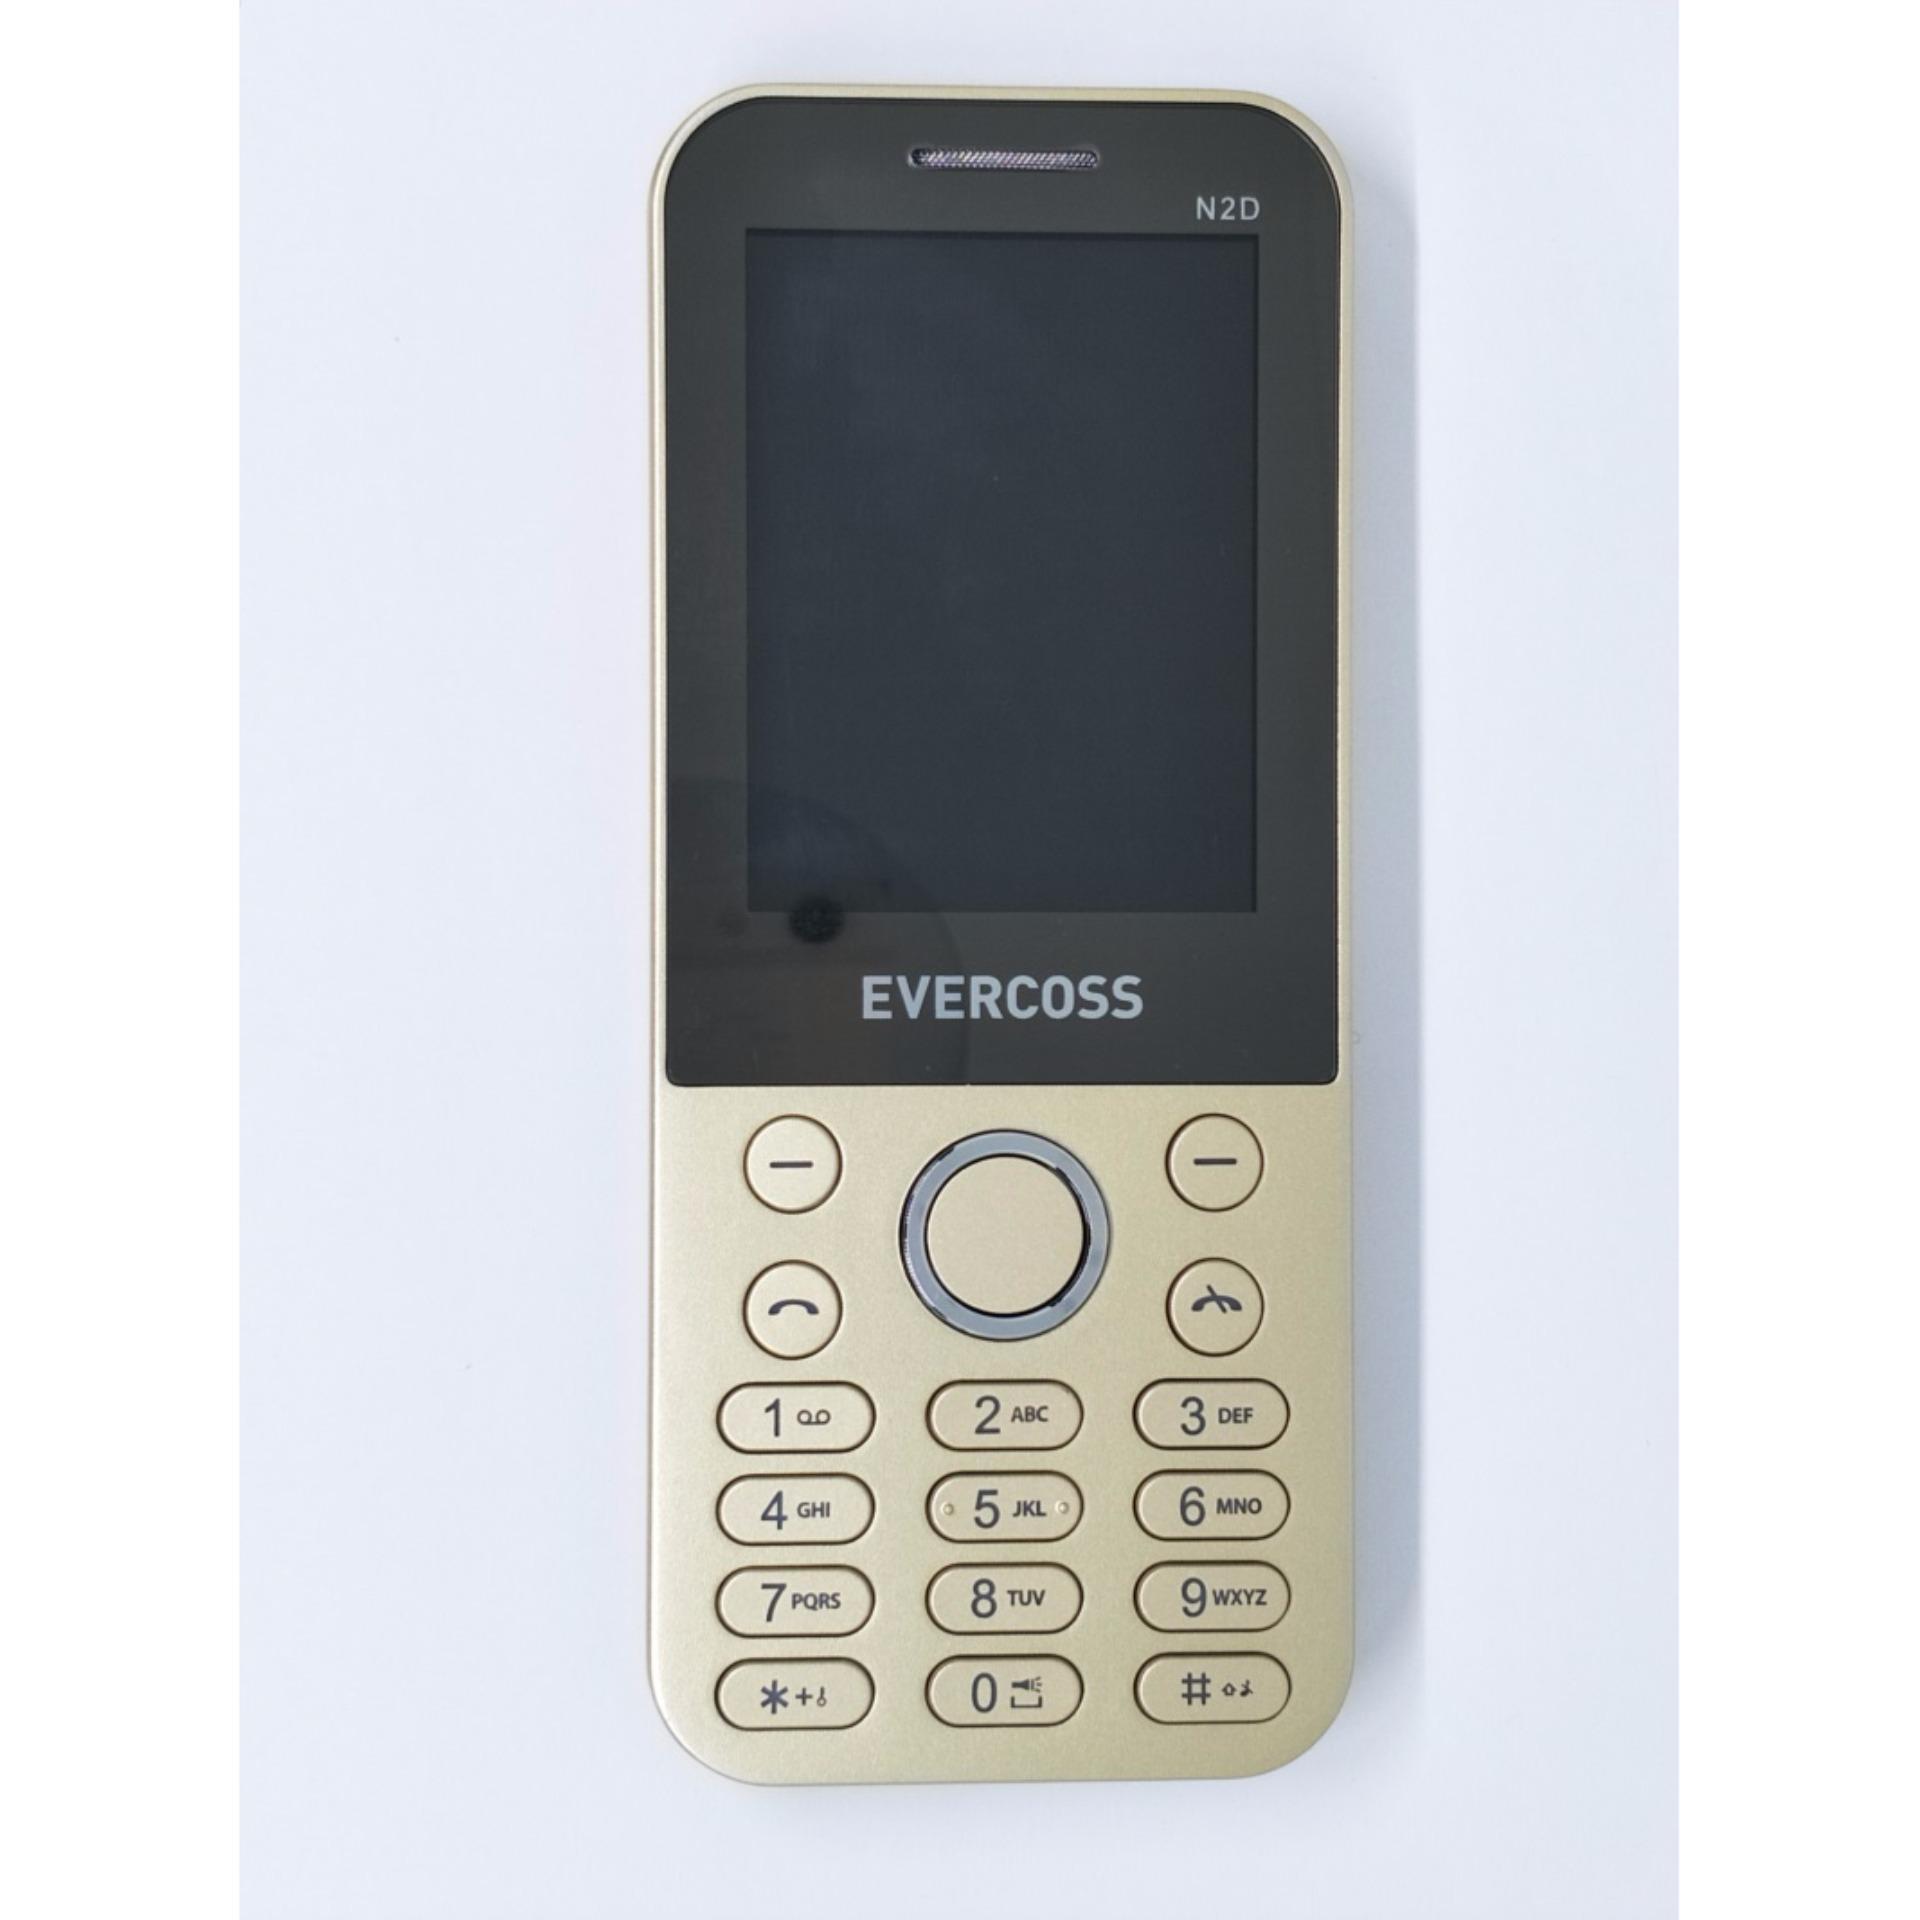 Harga Murah Evercoss M50a 2 16gb Face Unlock Silver Jualan Evercross U50c N2d 24